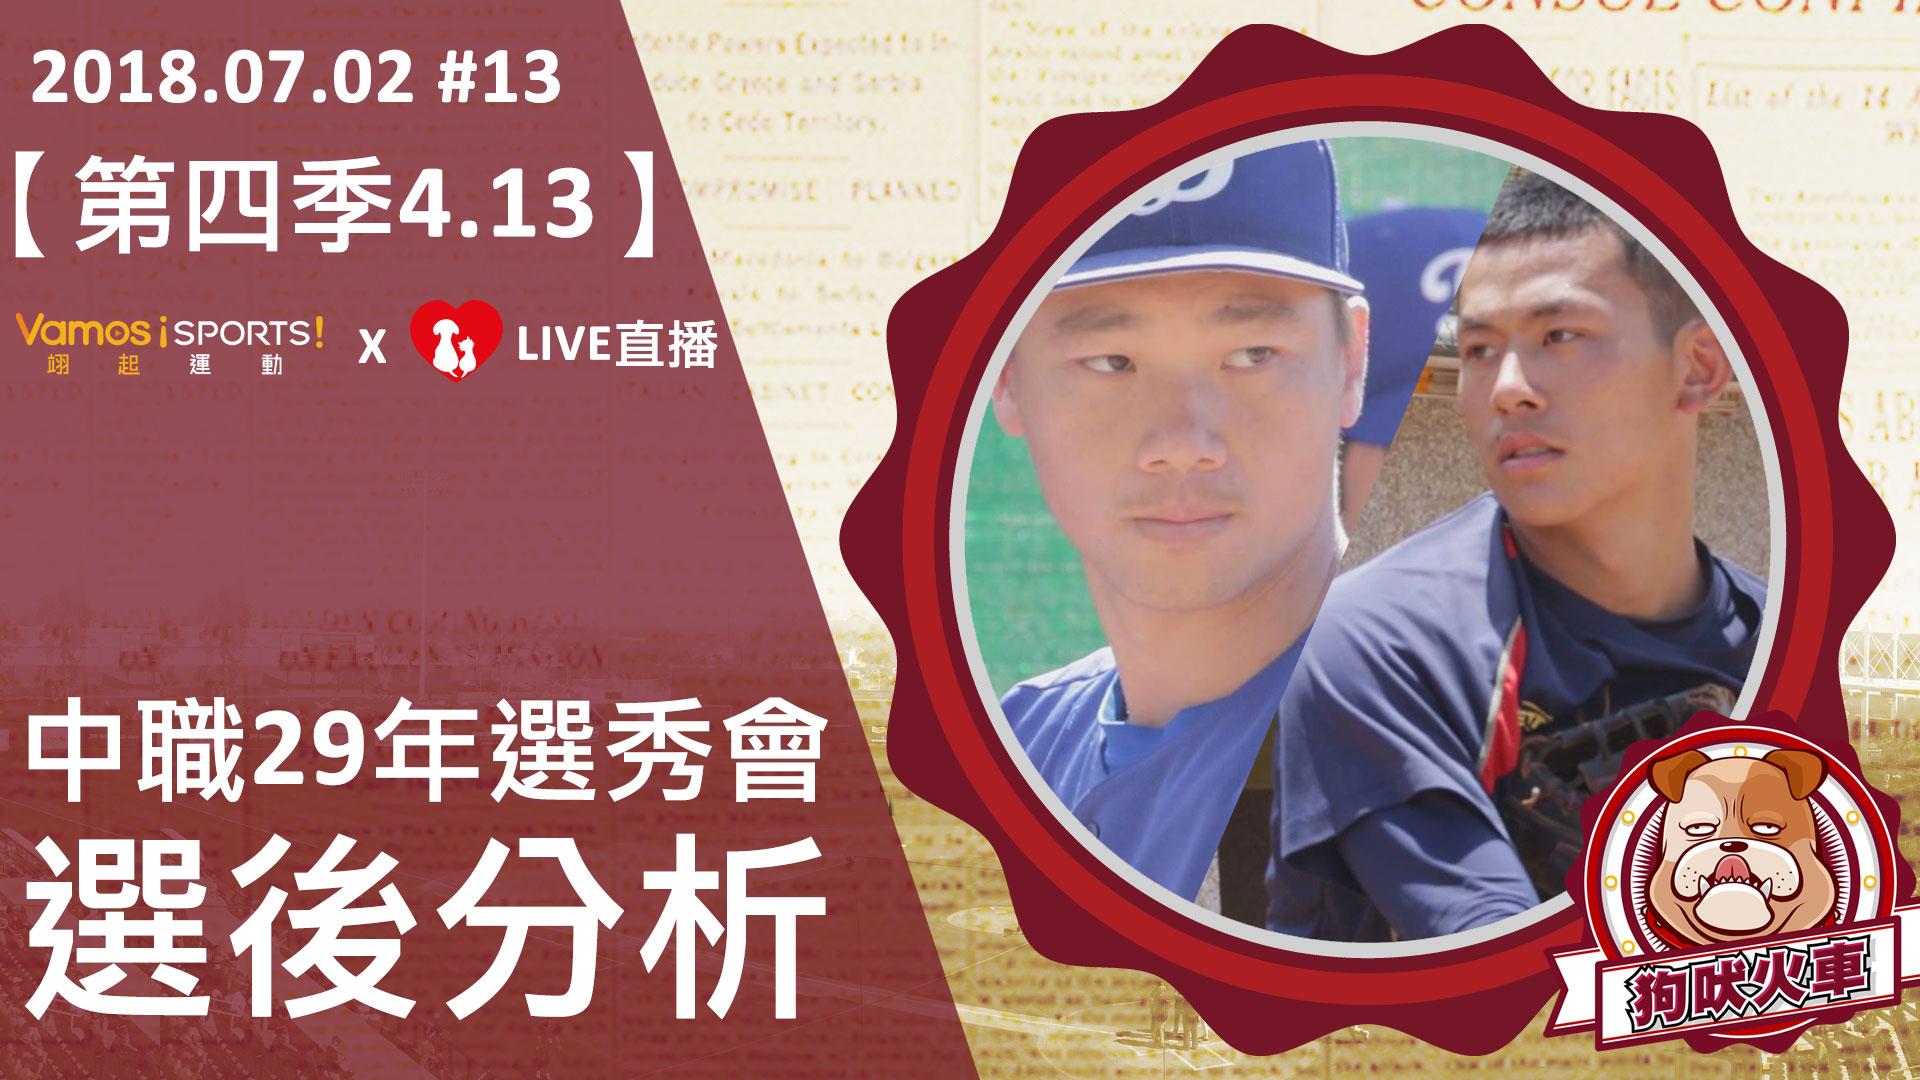 【狗吠火車3.13】中職29年選秀之夜